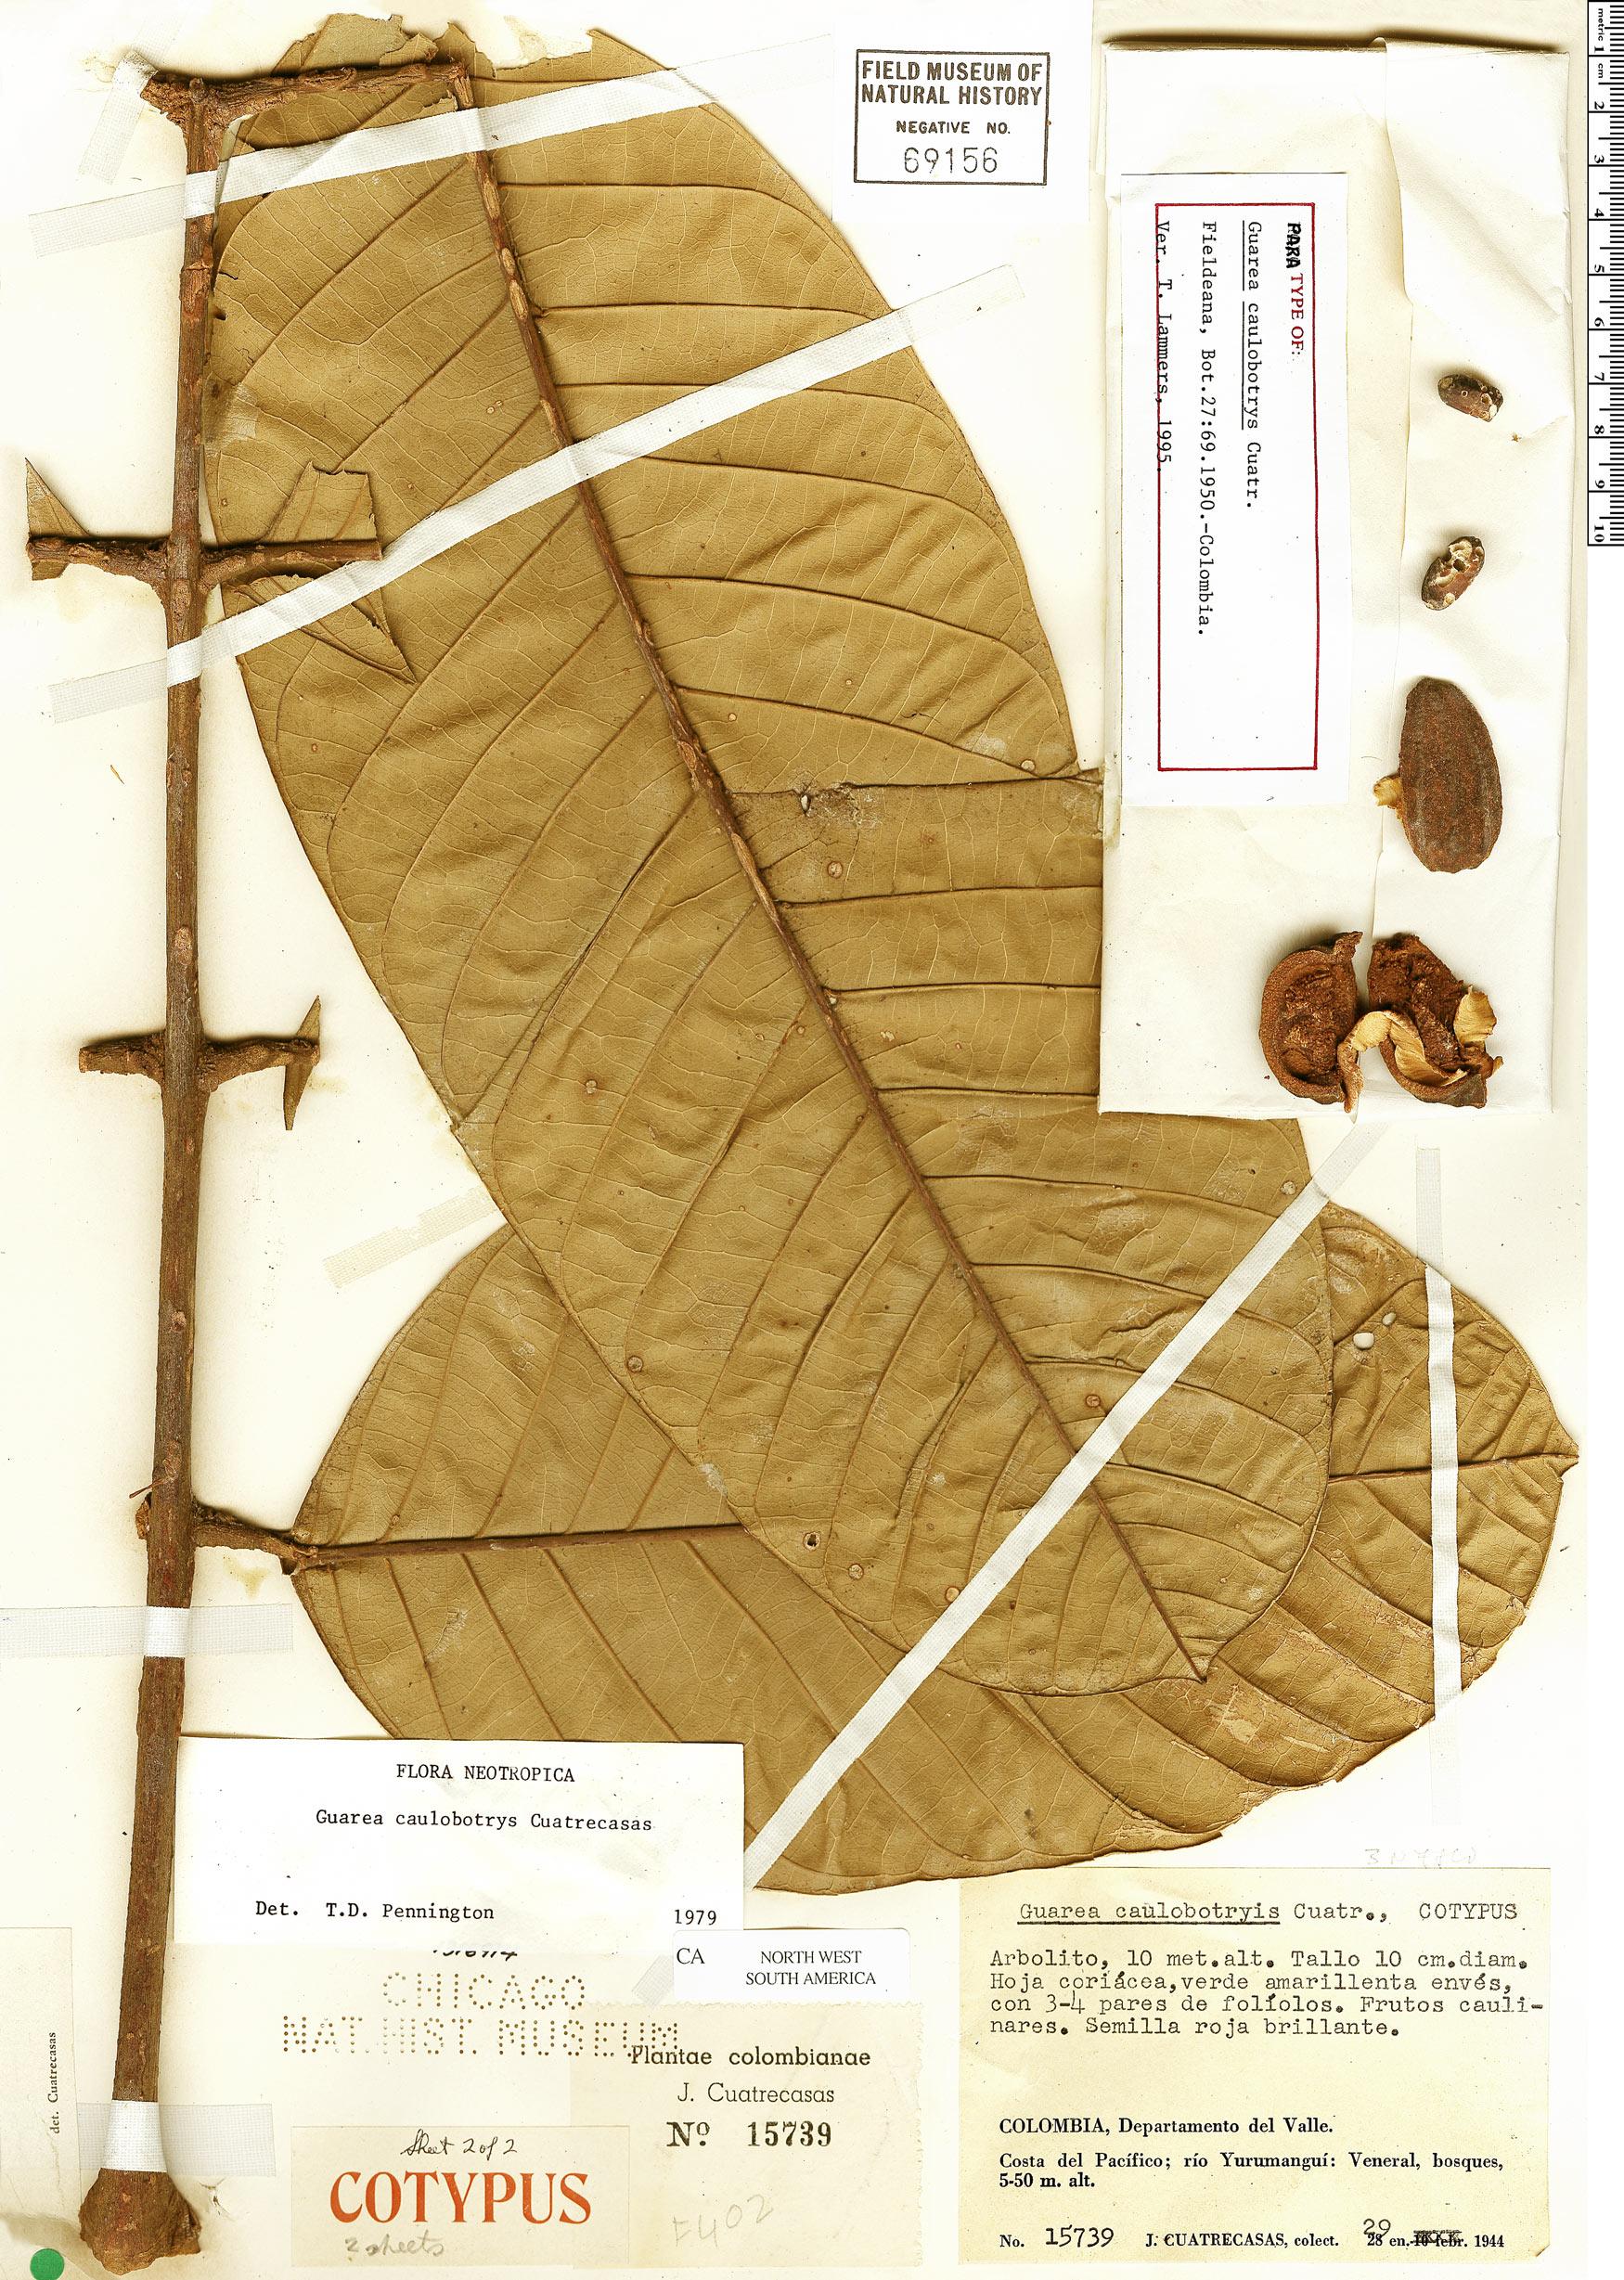 Espécimen: Guarea caulobotrys